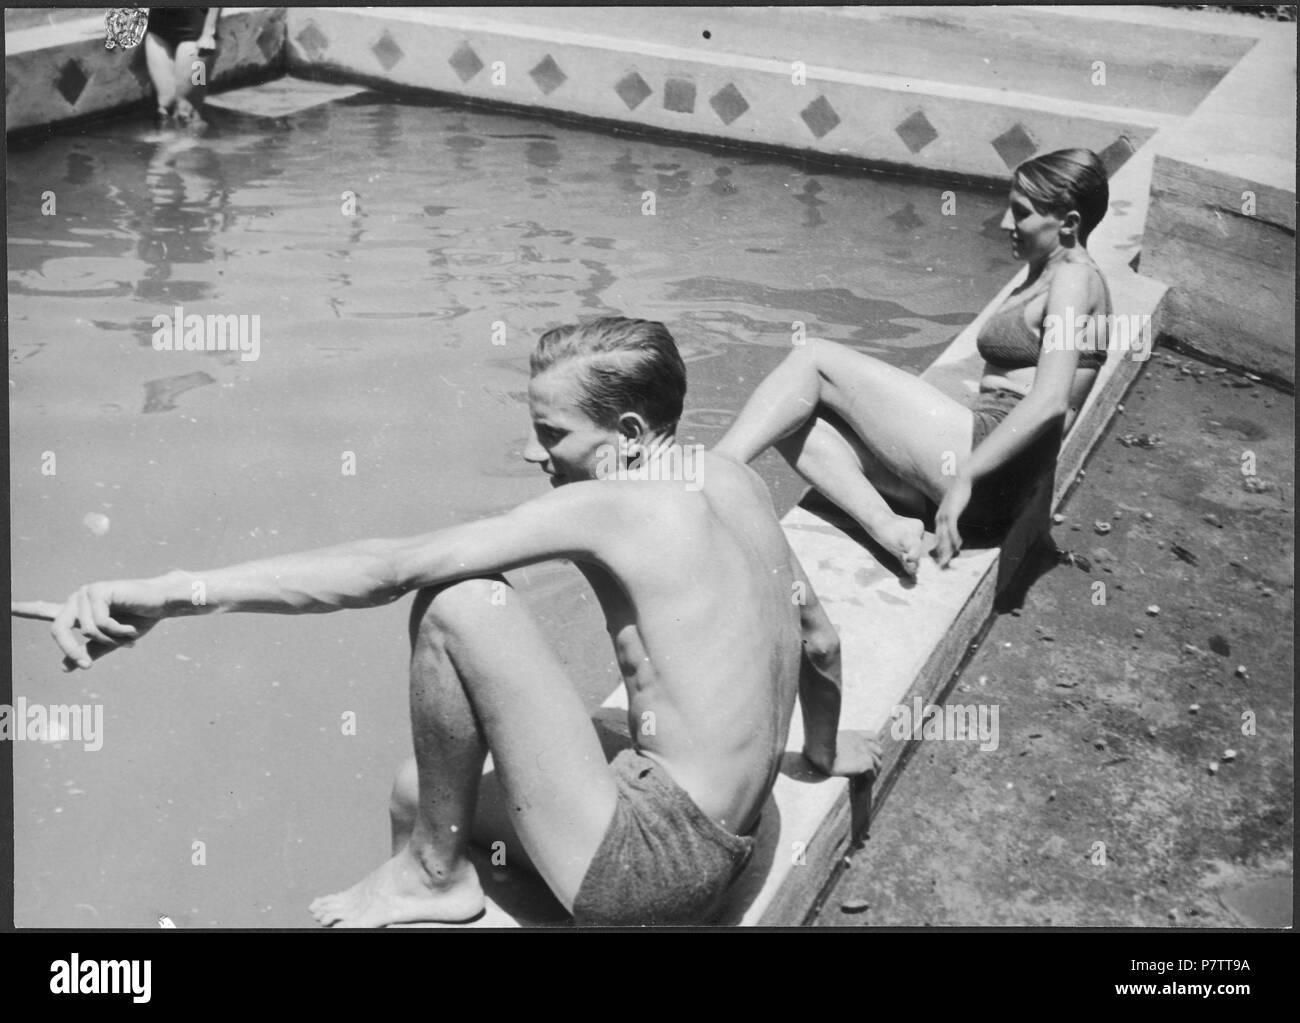 Iran, Meshed (Mashhad): Britisches Konsulat; Eine Frau und ein Mann am Swimmingpool. from 1939 until 1940 73 CH-NB - Iran, Meshed (Mashhad)- Britisches Konsulat - Annemarie Schwarzenbach - SLA-Schwarzenbach-A-5-19-113 Stock Photo